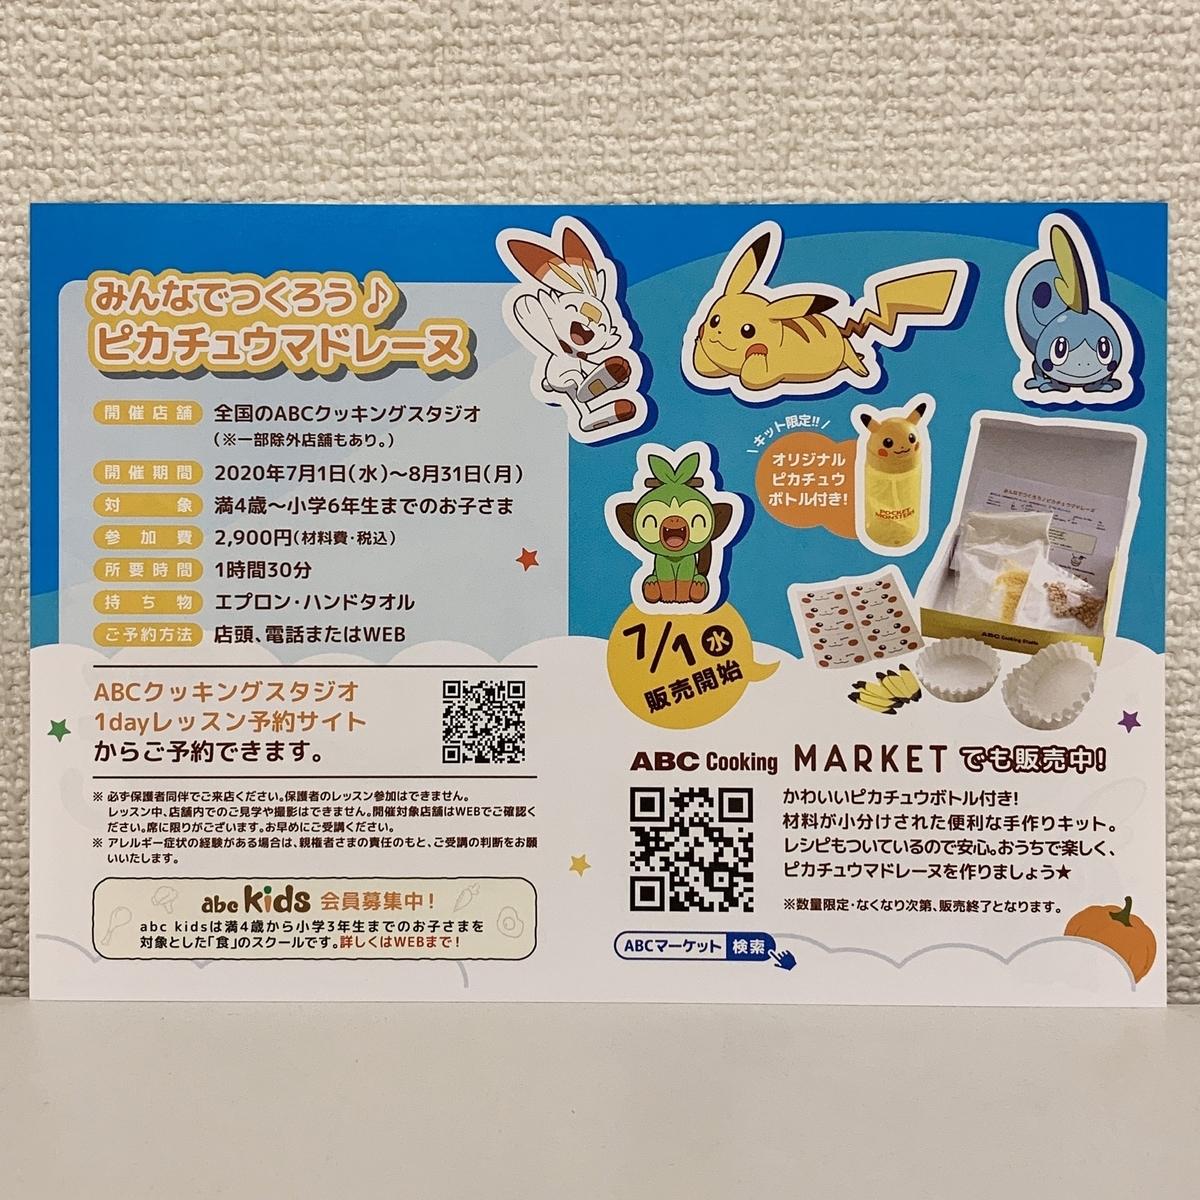 f:id:pikachu_pcn:20200622202758j:plain